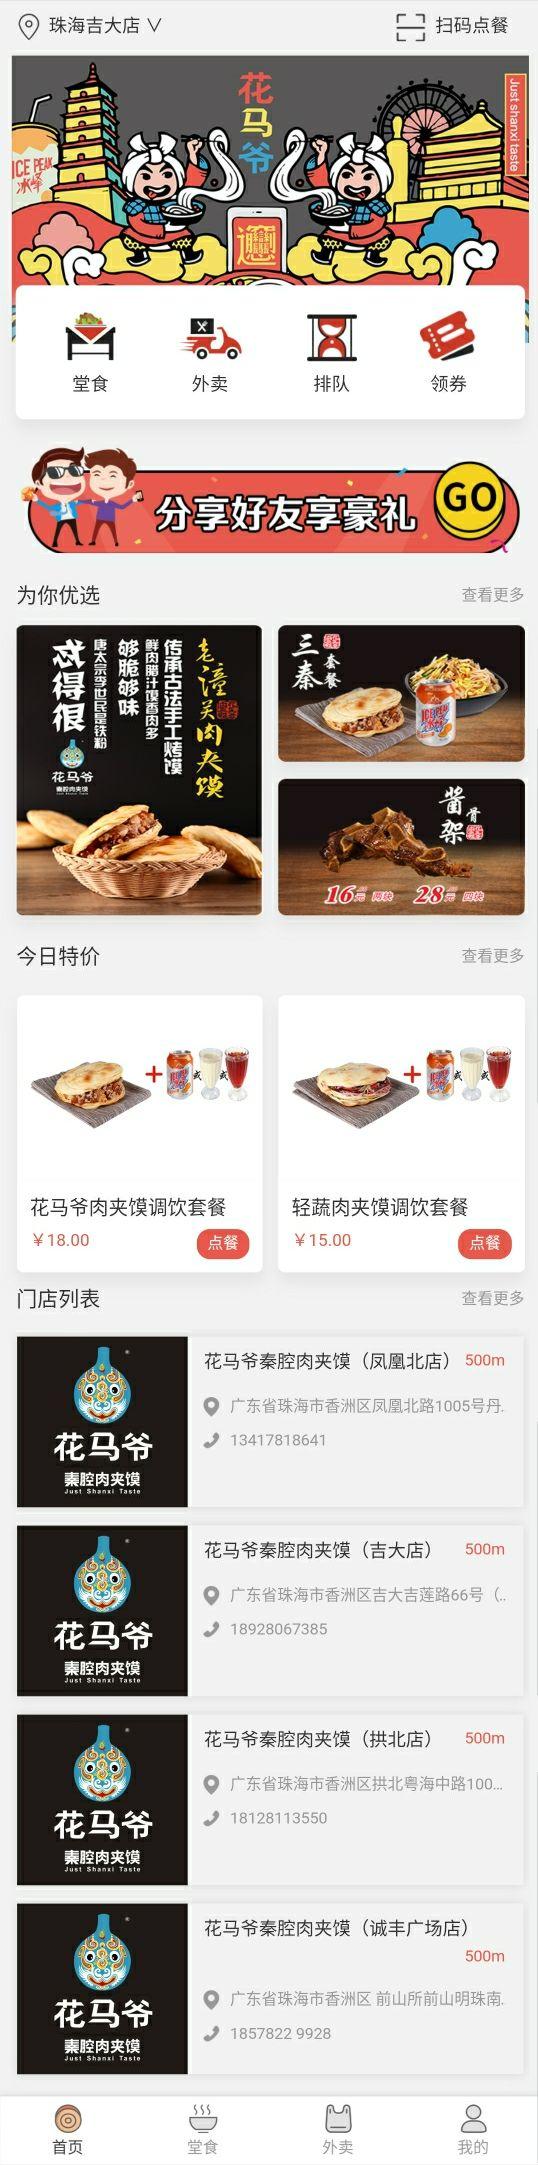 花马爷肉夹馍餐饮小程序模板